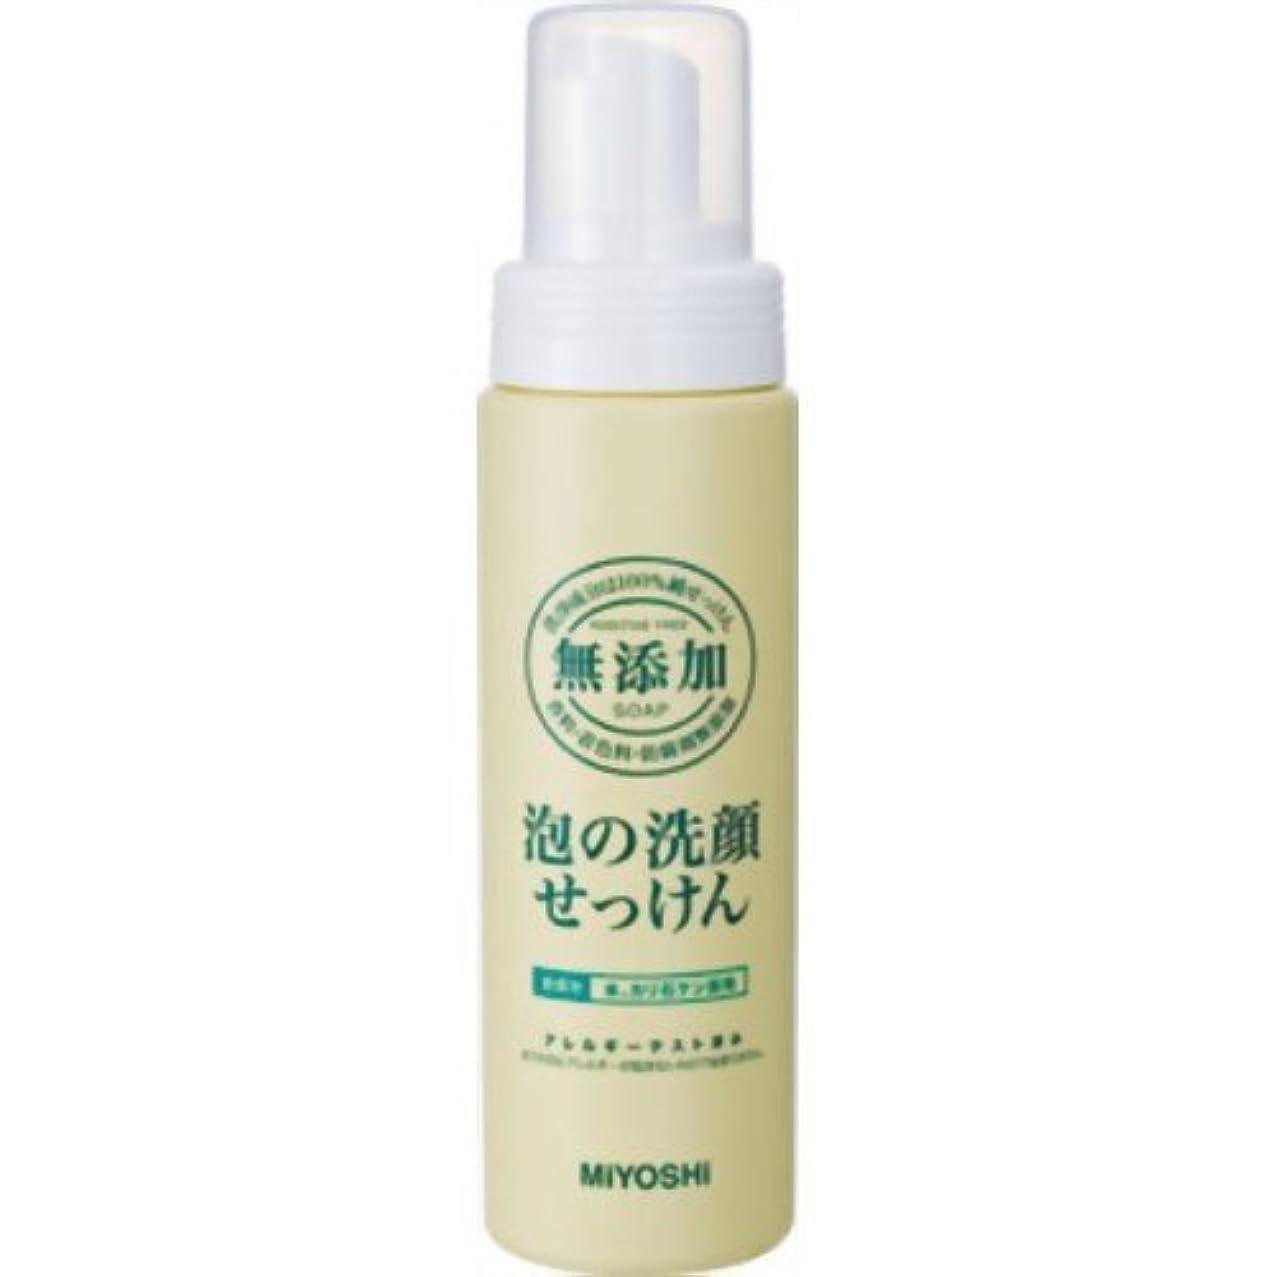 数字製作氏無添加泡の洗顔せっけんポンプボトル × 3個セット